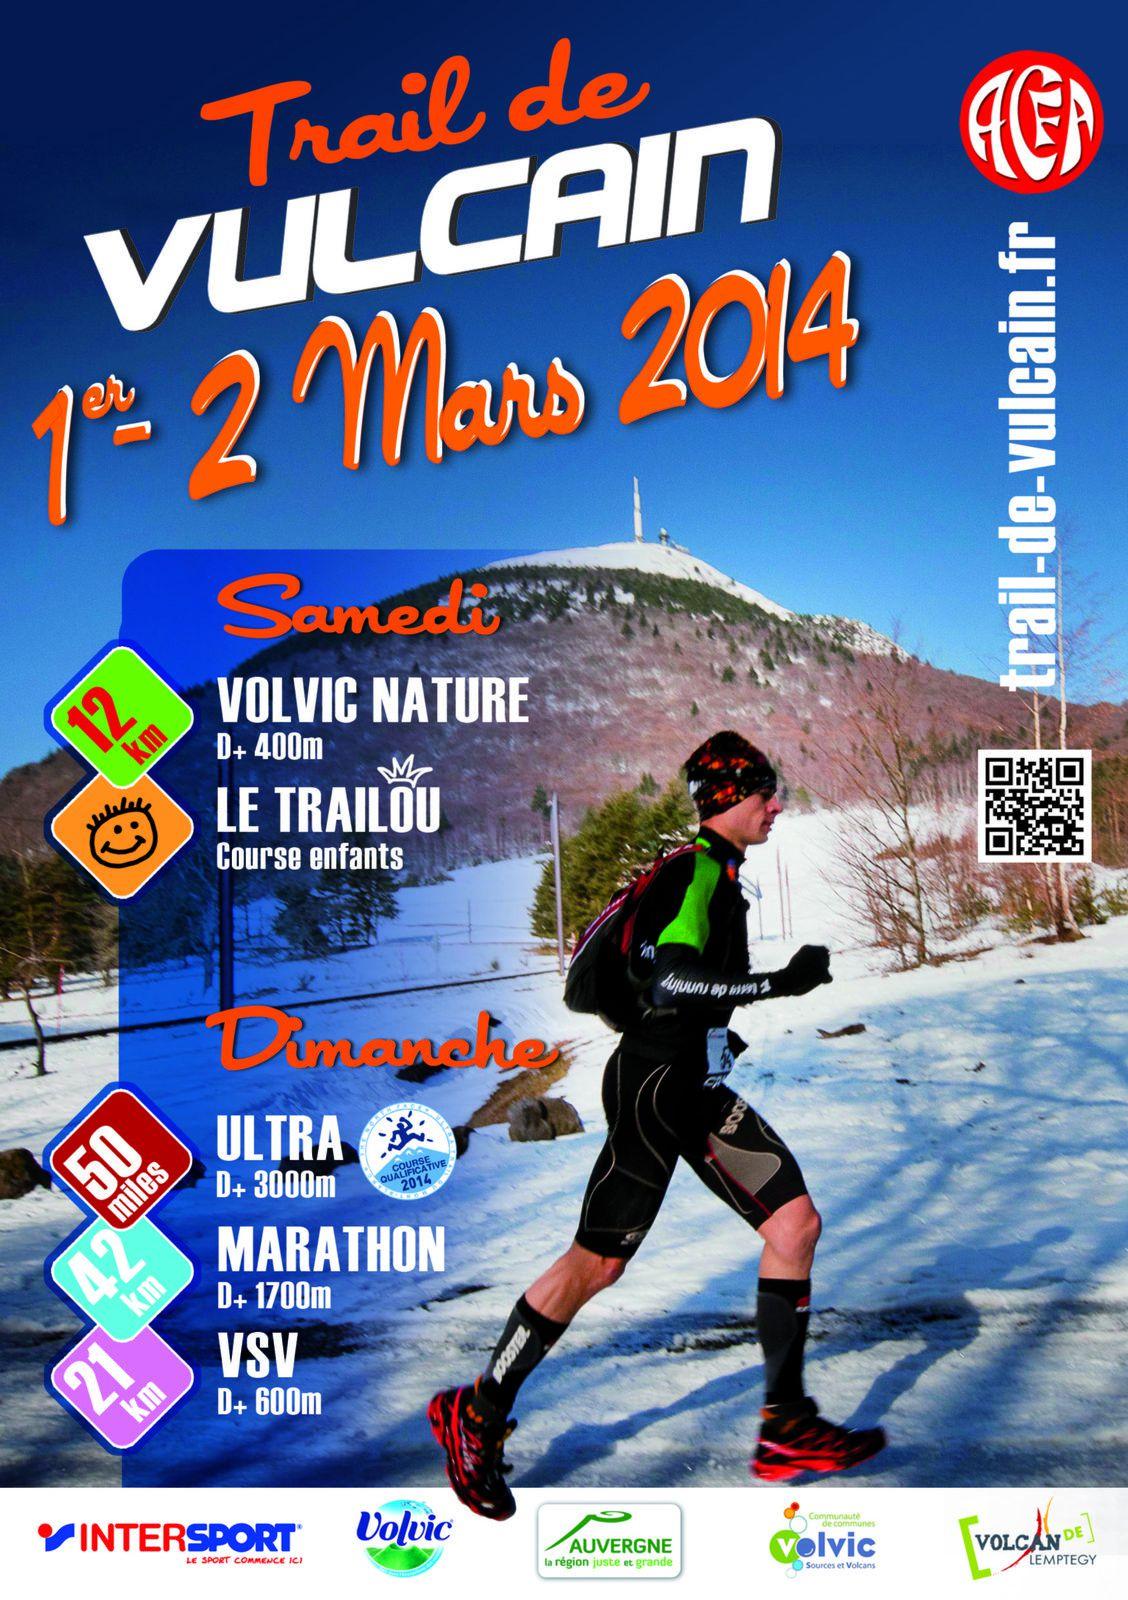 Ultra-Trail de Vulcain - 50 Miles 3000D+ Volvic 2014